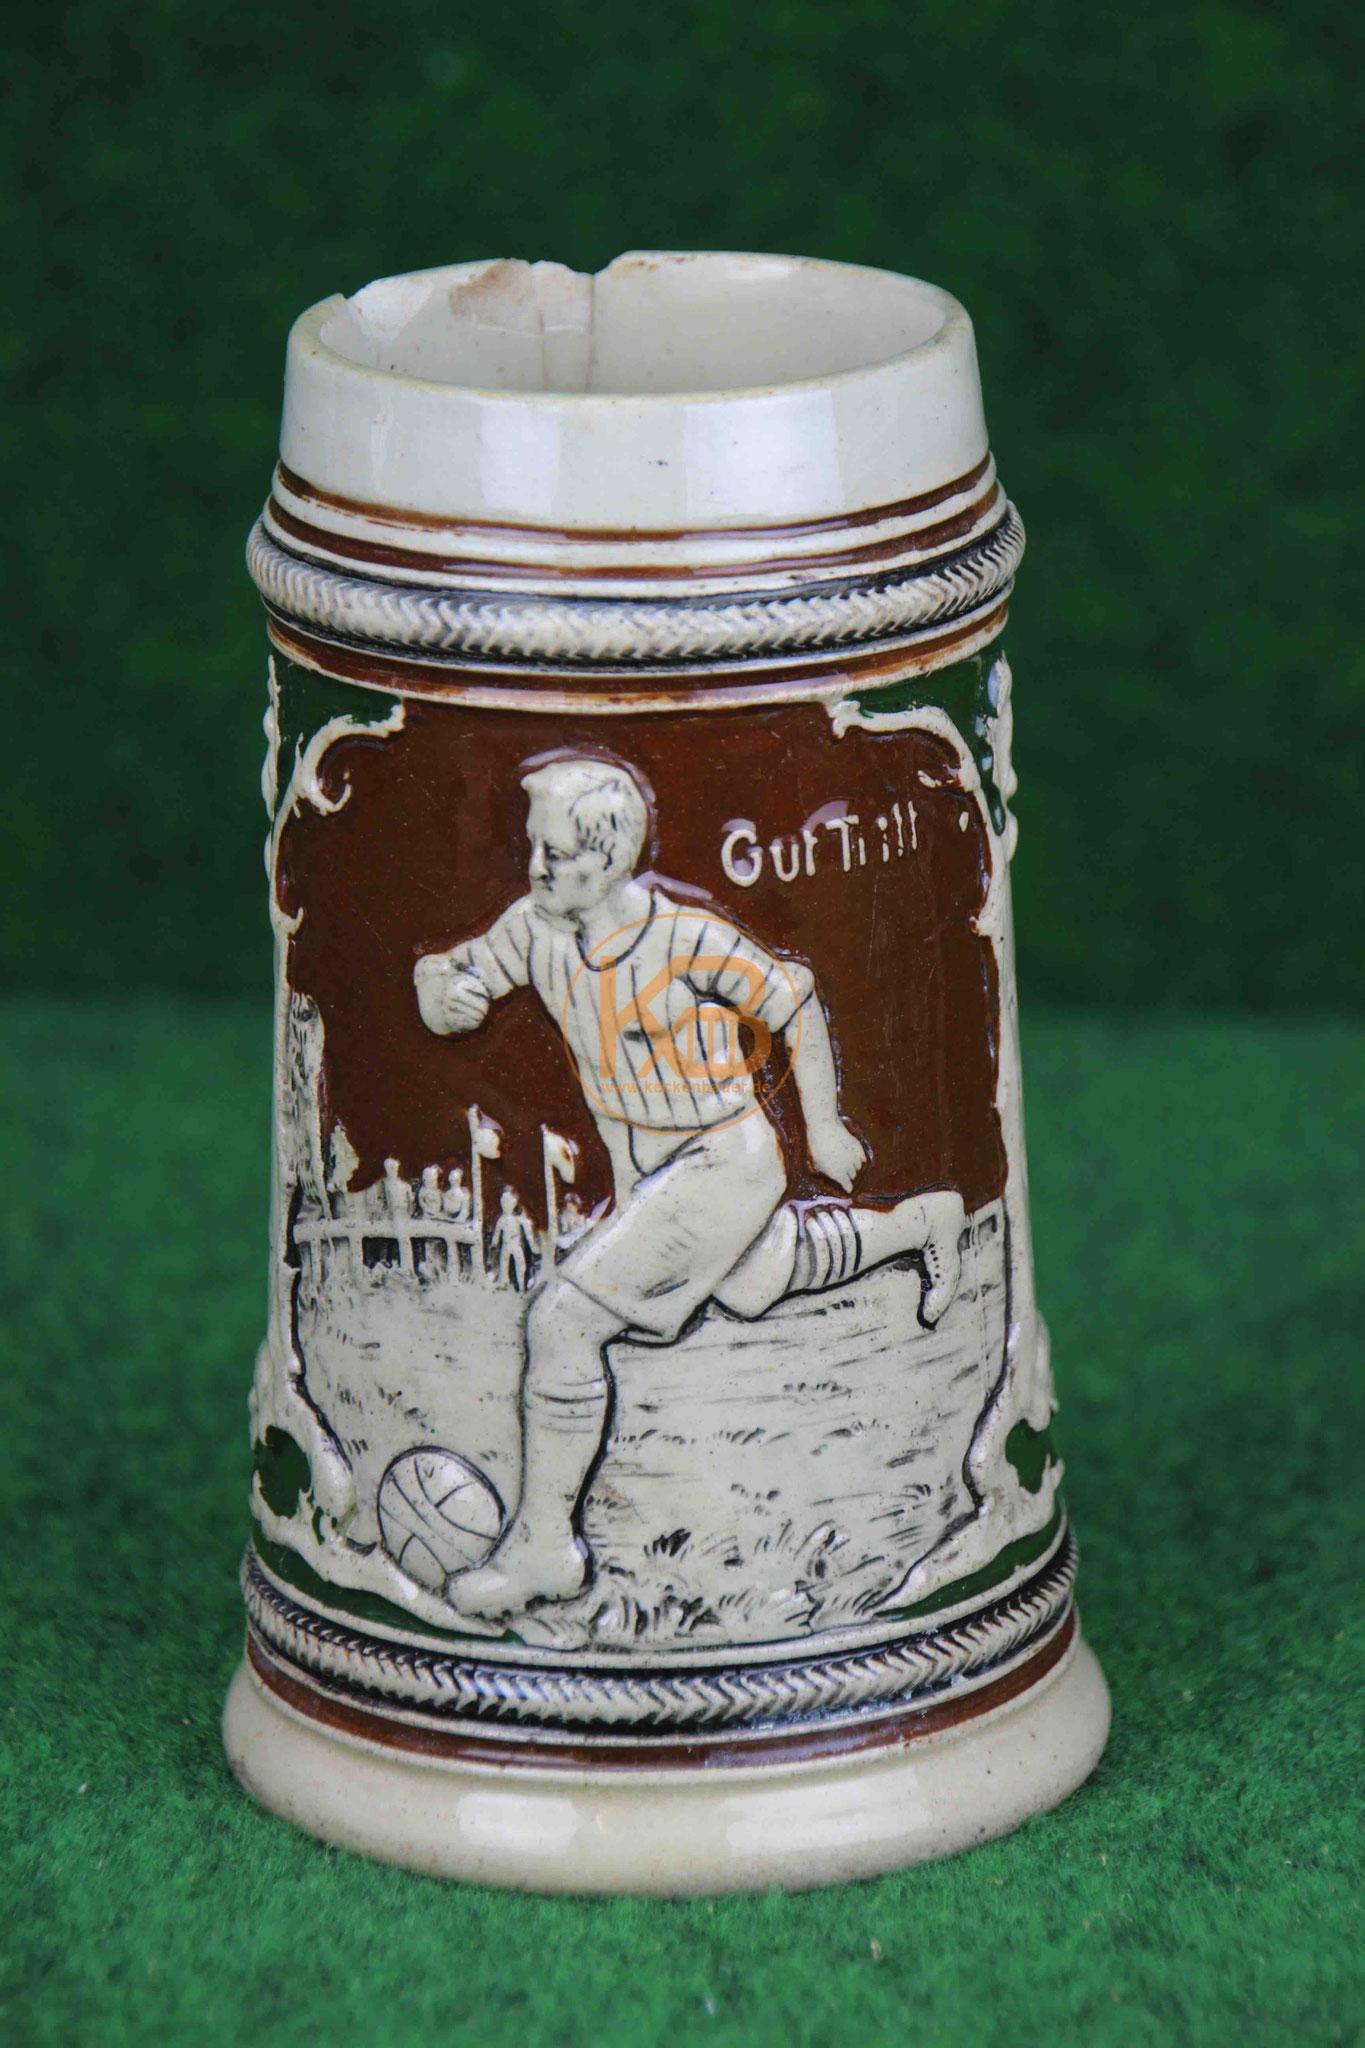 Sehr schöner und seltener historischer Fussball – Bierkrug – Humpen – Gut Tritt aus den 1920er Jahren 1/3